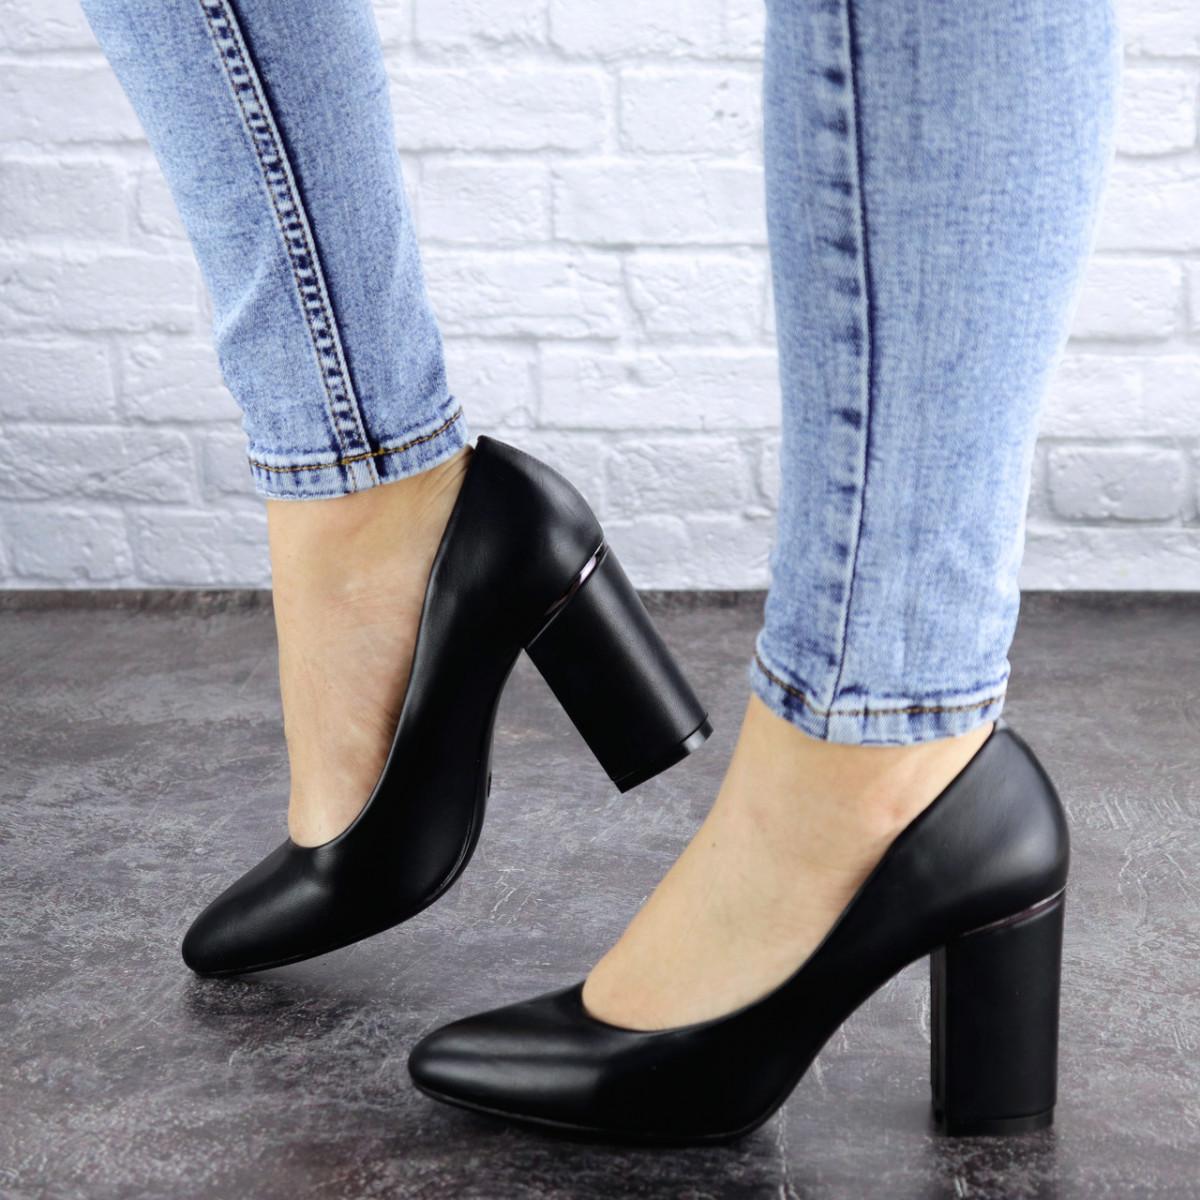 Туфли женские на каблуке черные Beans 2129 (36 размер)